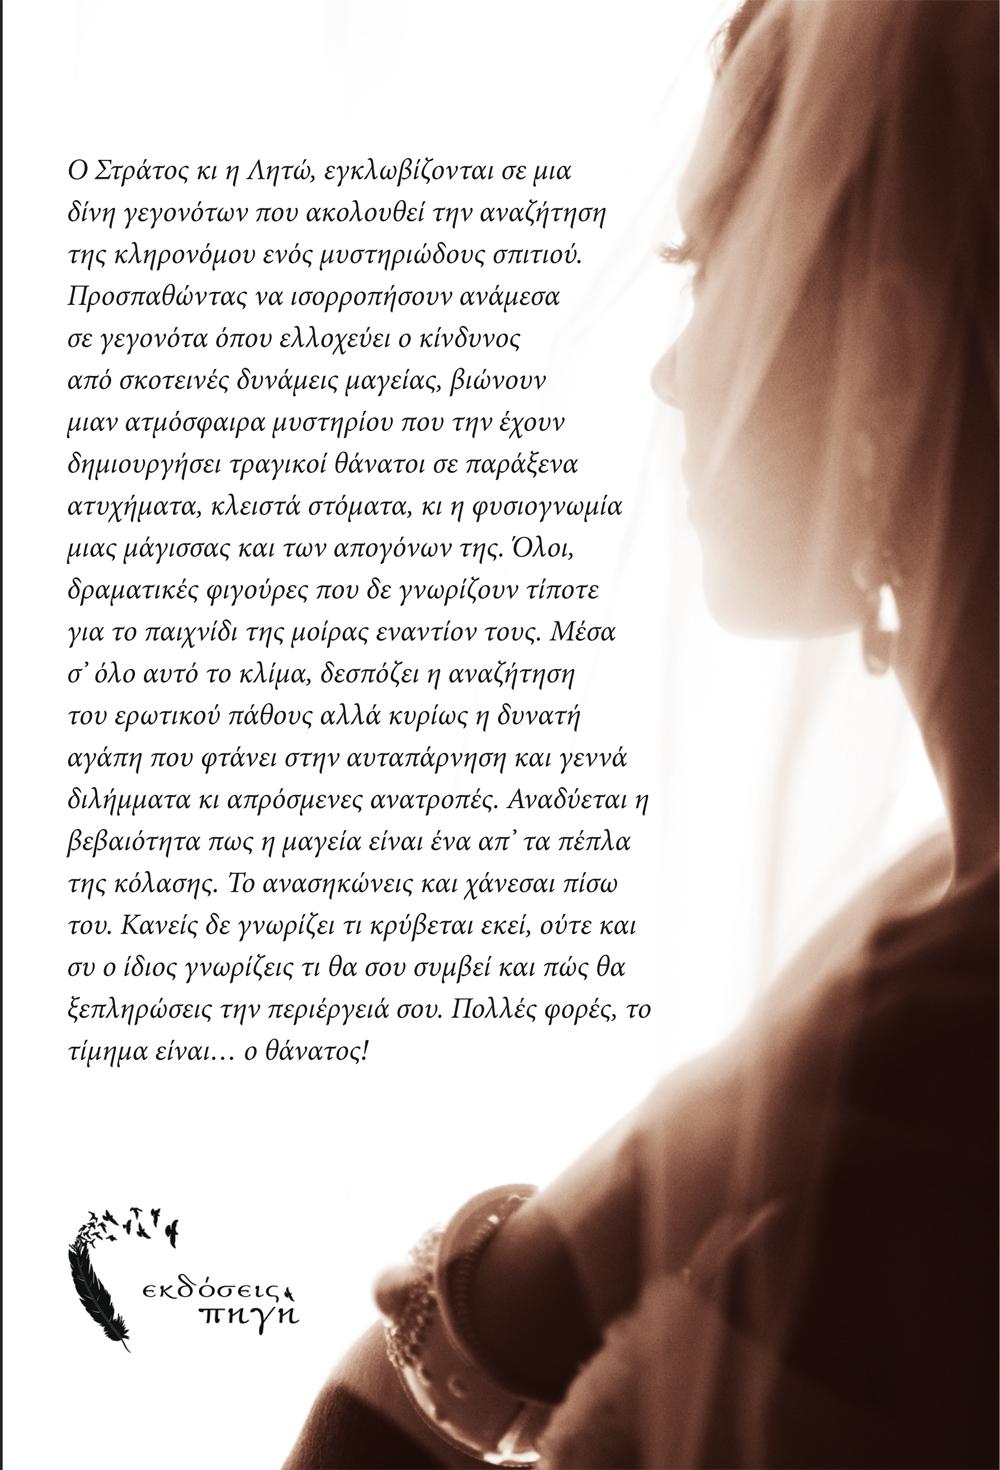 Τα Πέπλα της Κόλασης, Ελένη Βεζύρογλου, Εκδόσεις Πηγή - www.pigi.gr